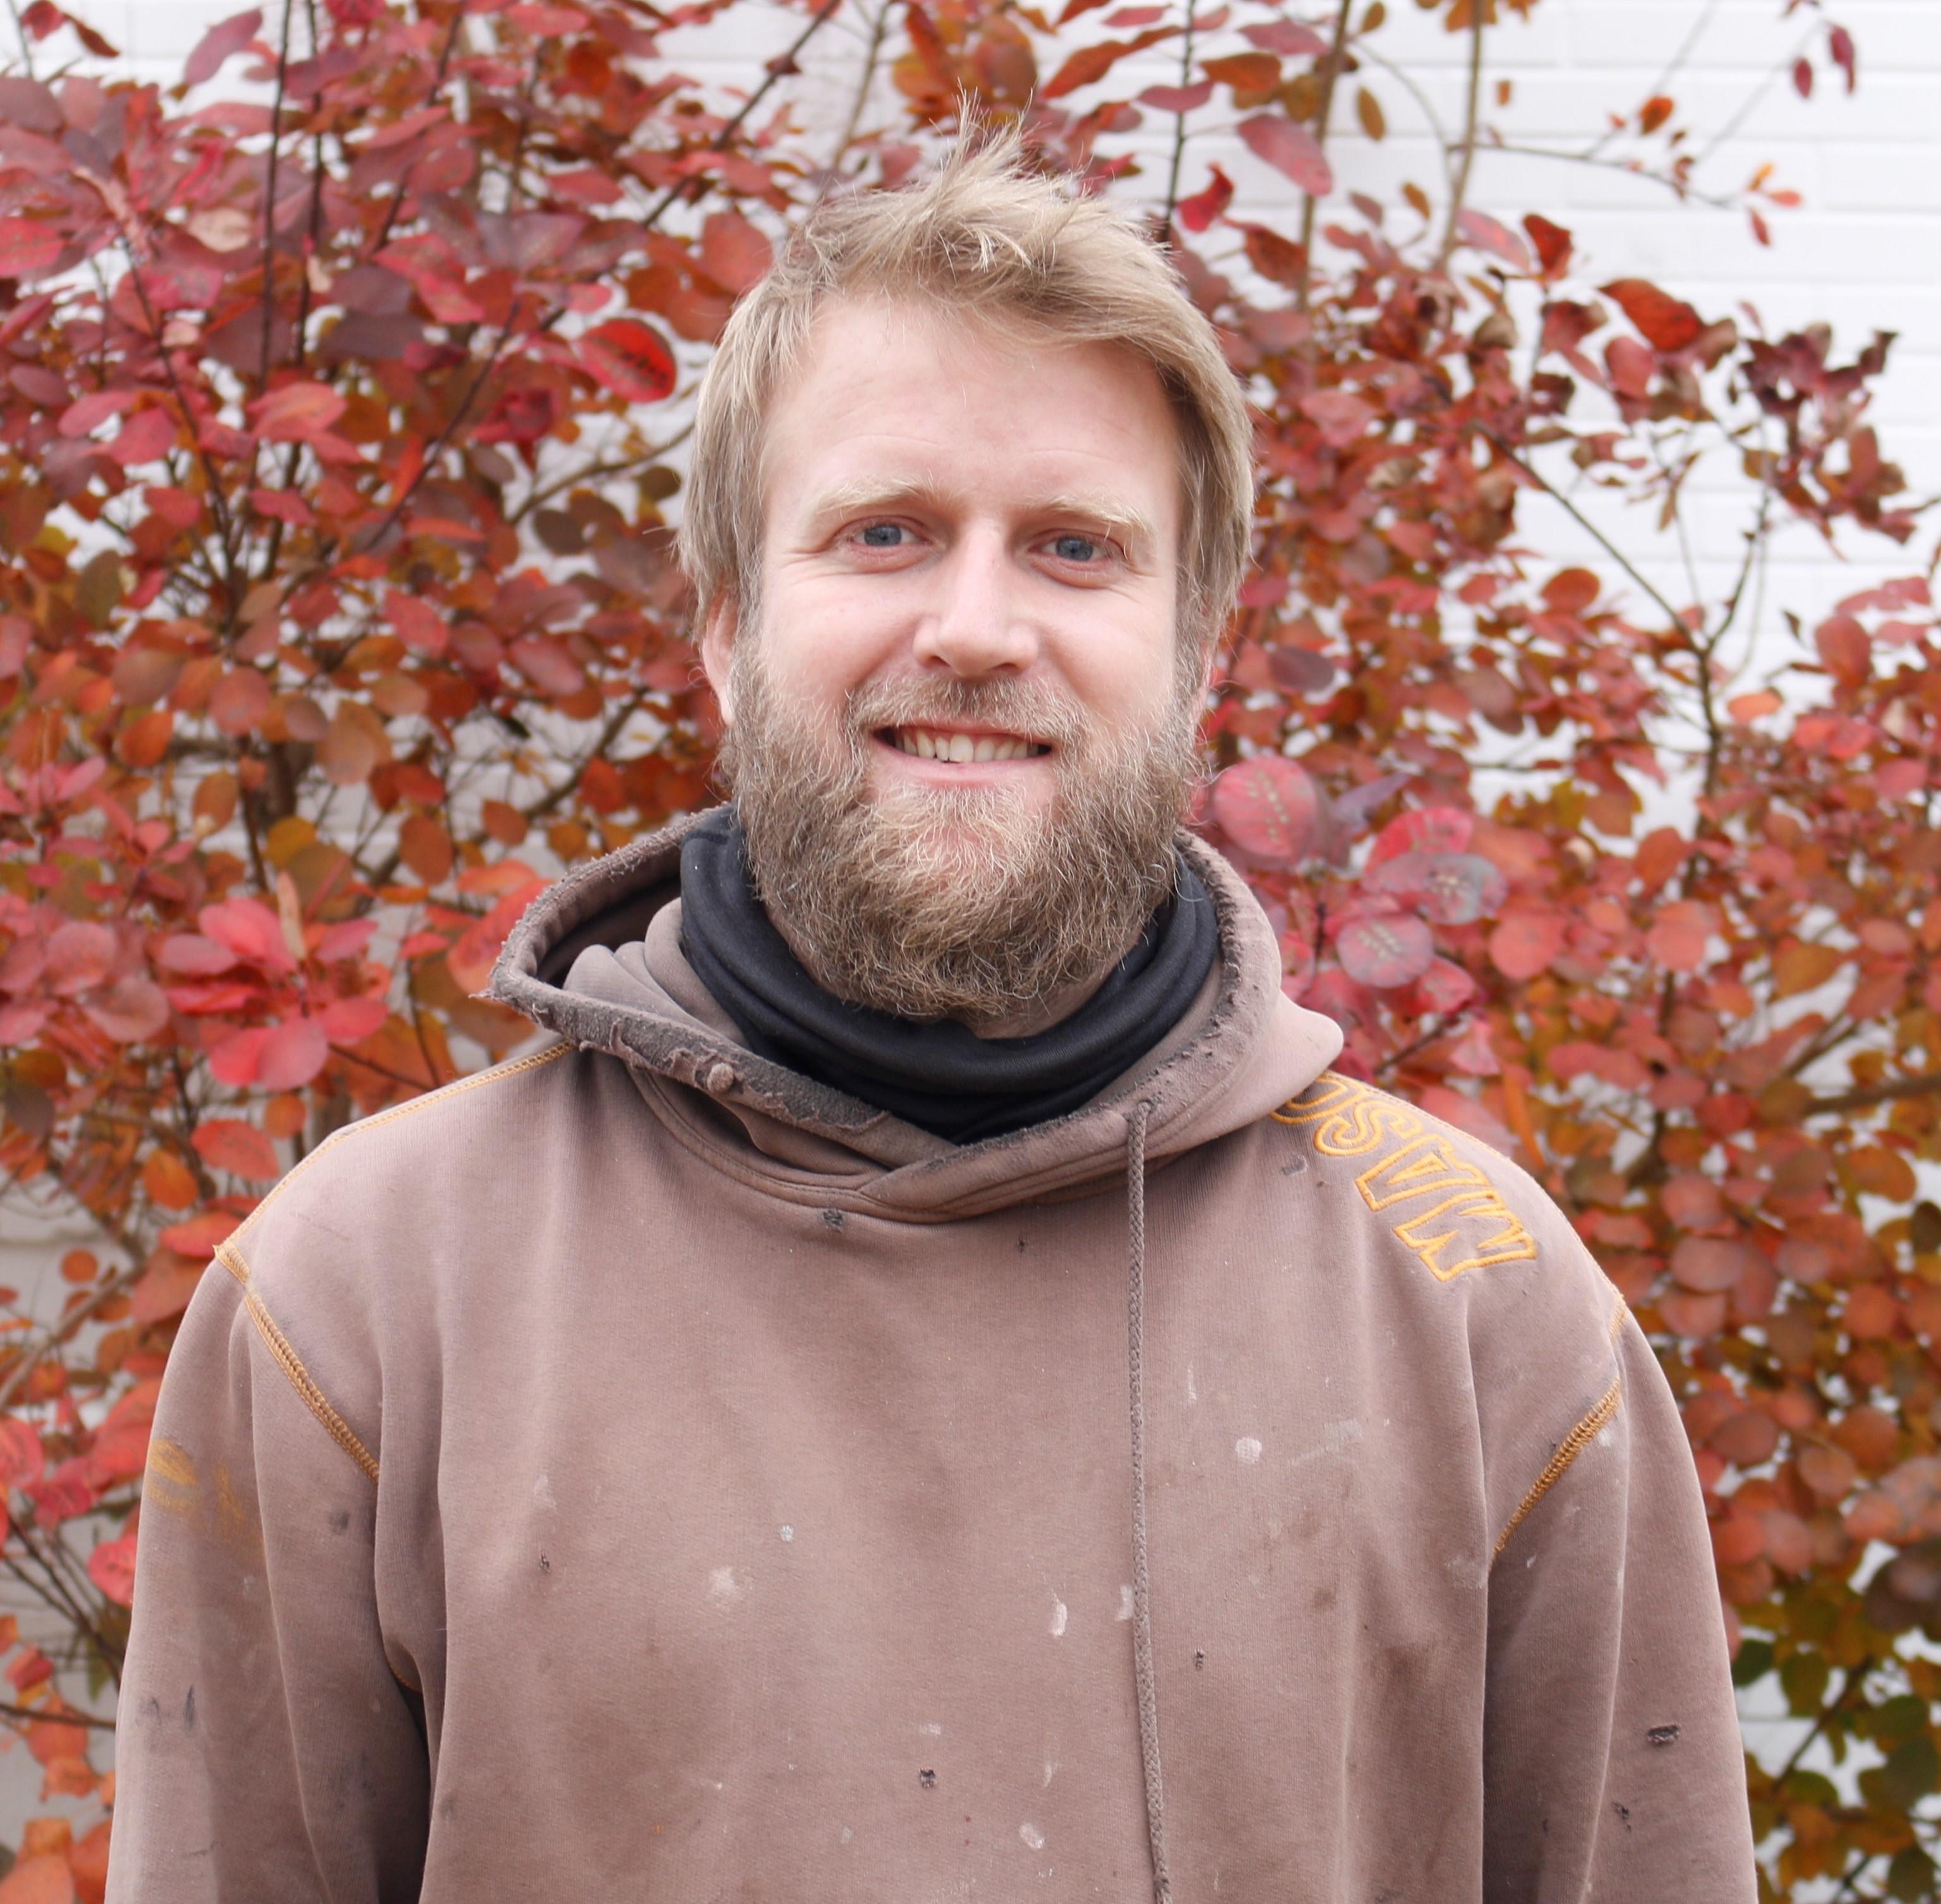 Emil Skrædderdal